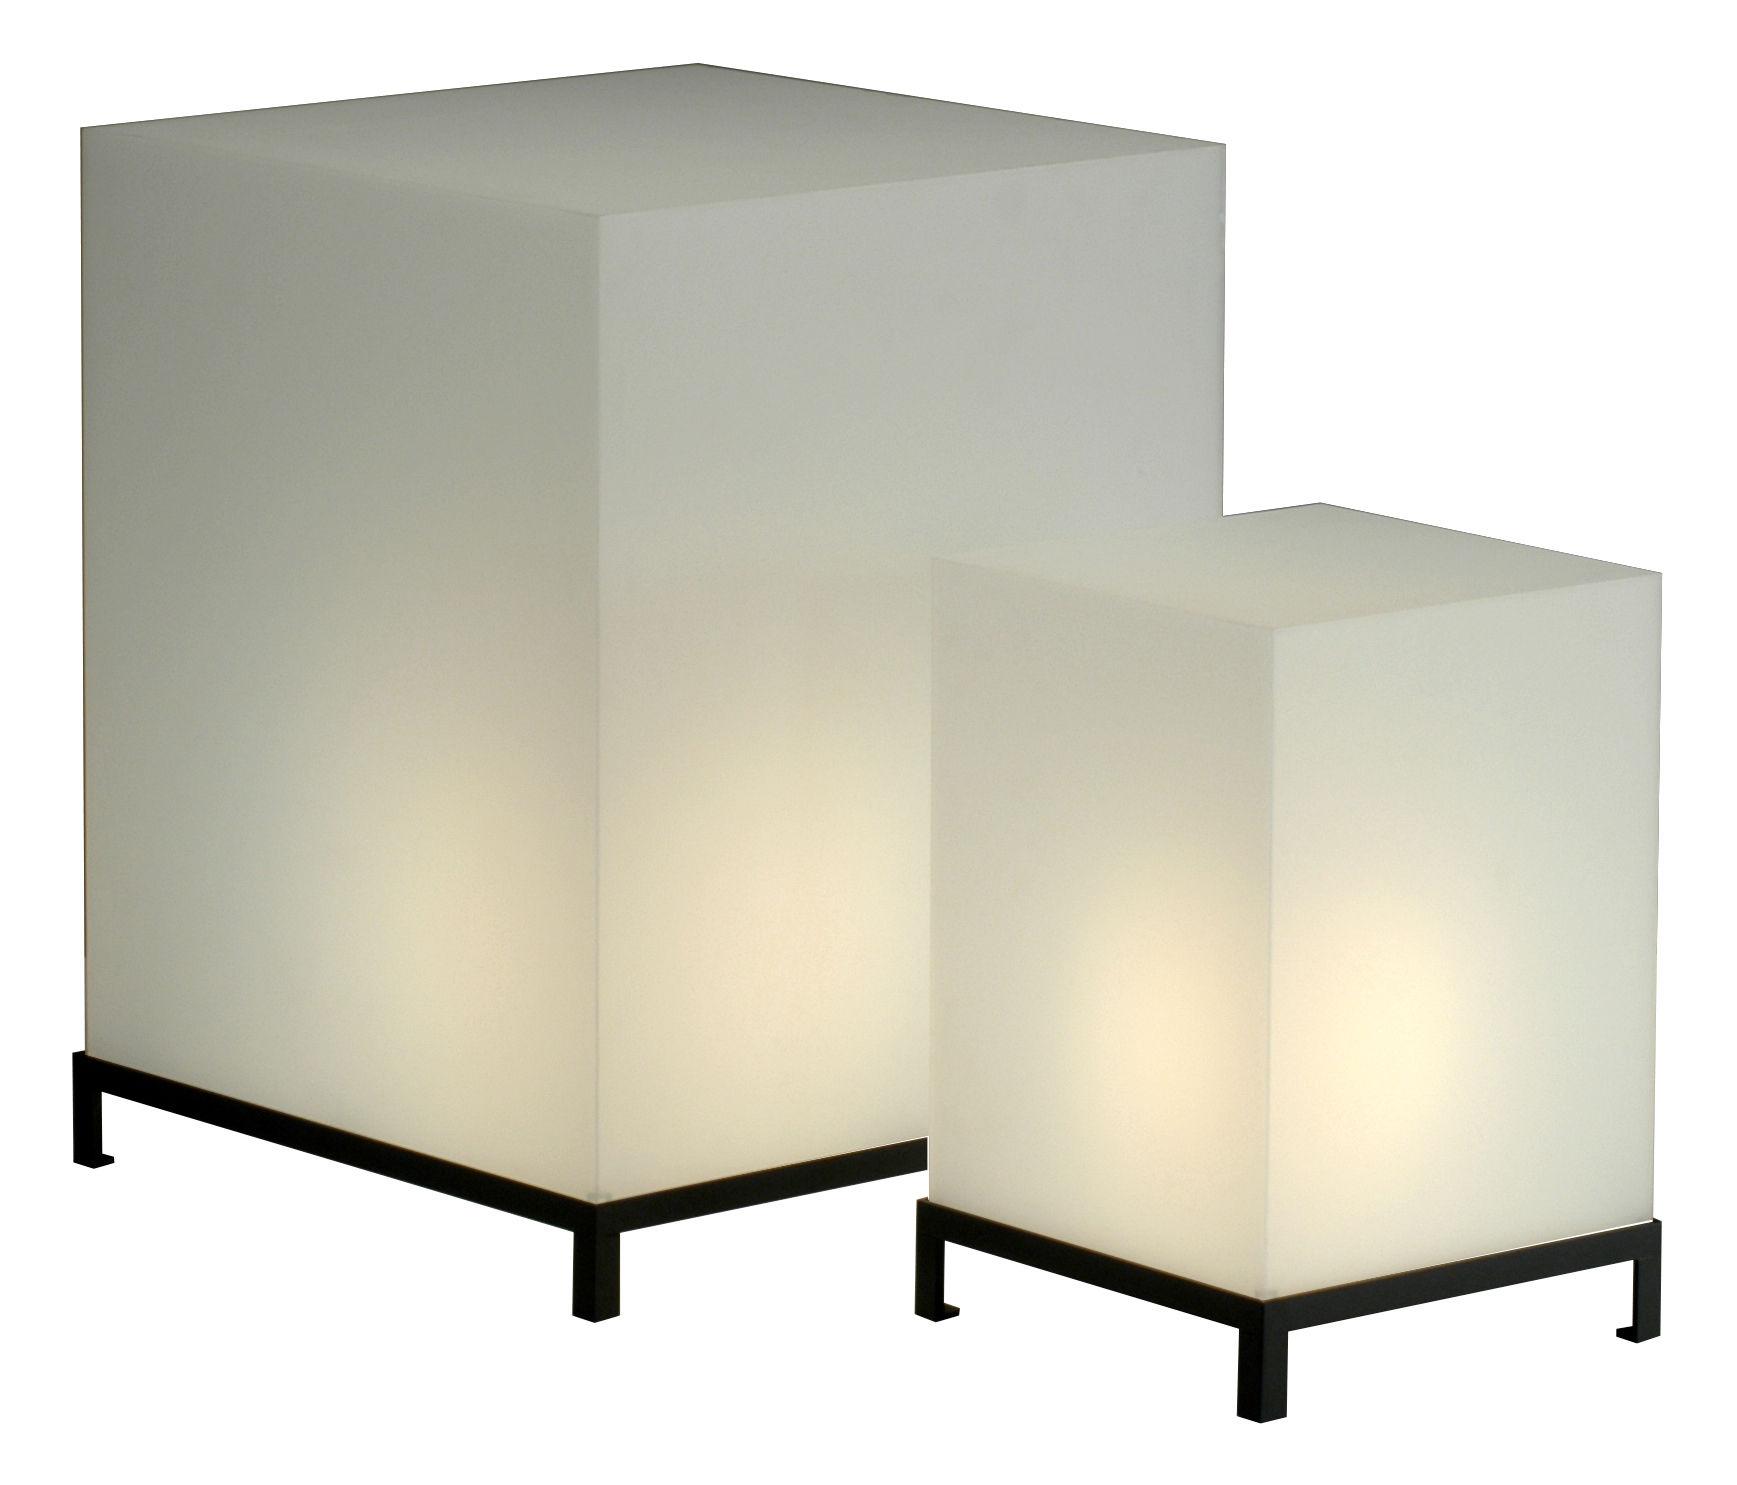 Leuchten - Bodenleuchten - Star Cube Bodenleuchte - Zeus - Weiß - H 65 cm - Acrylharz, Stahl